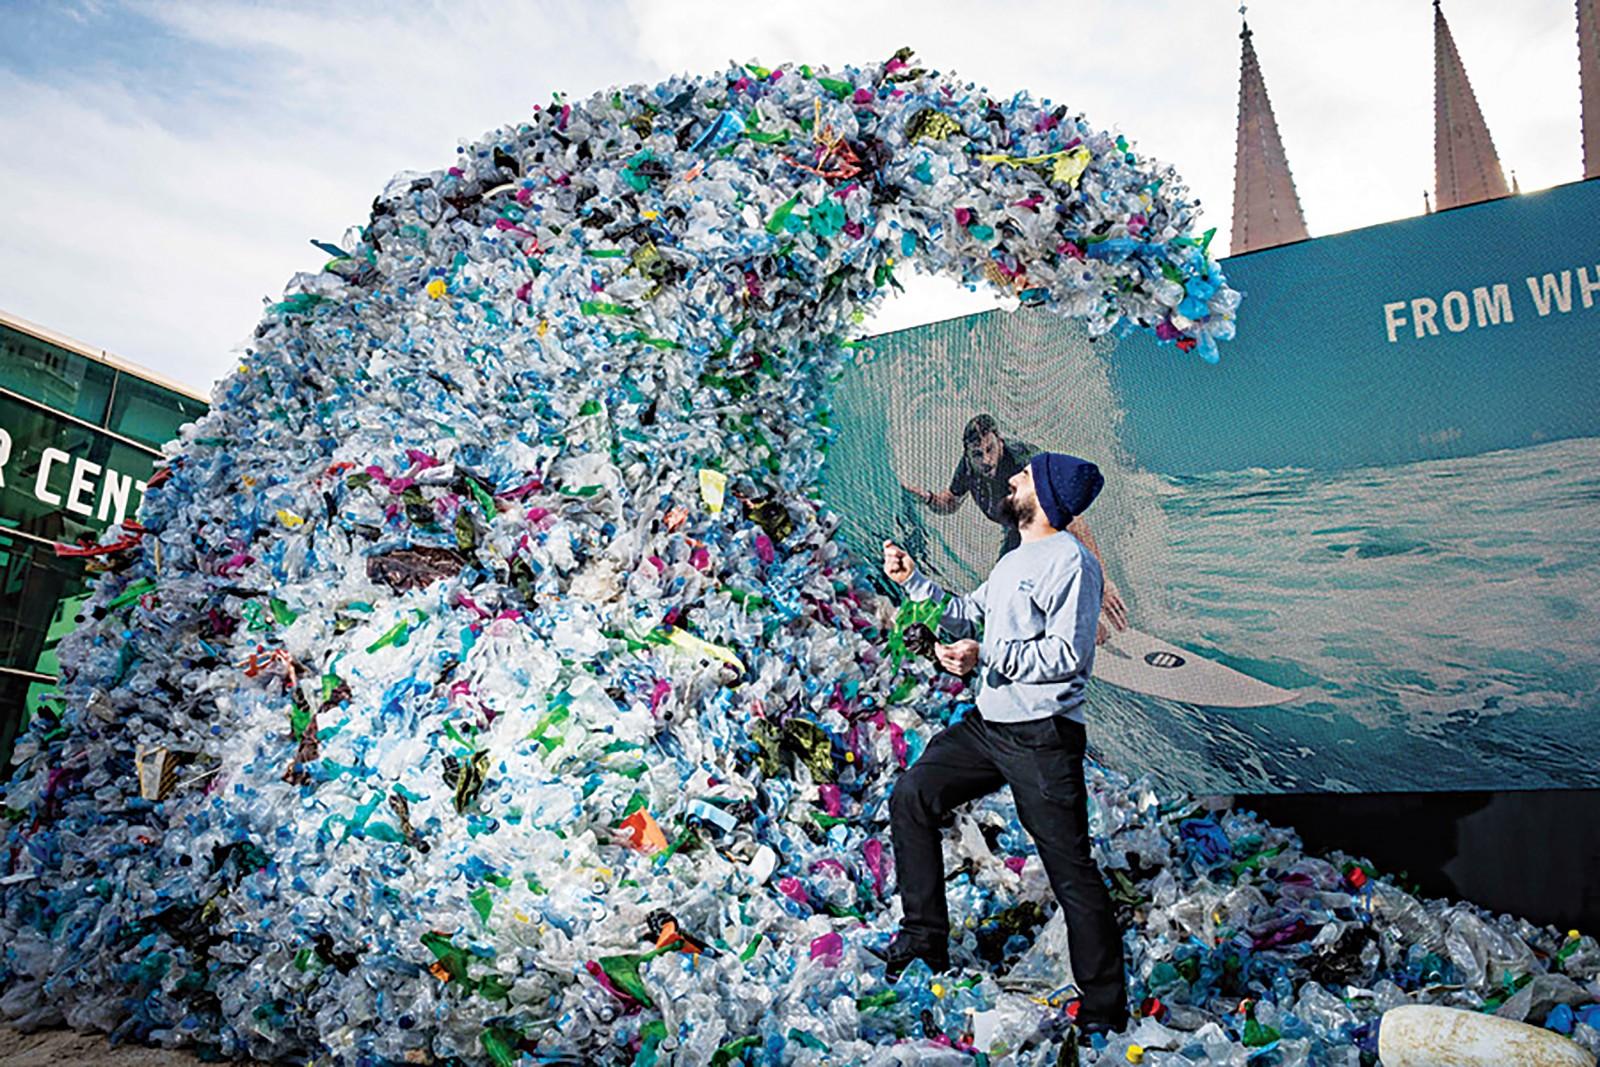 Một tác phẩm nhằm gia tăng nhận thức về rác thải nhựa trên đại dương được trưng bày tại Melbourne, Úc. Ảnh: China Daily